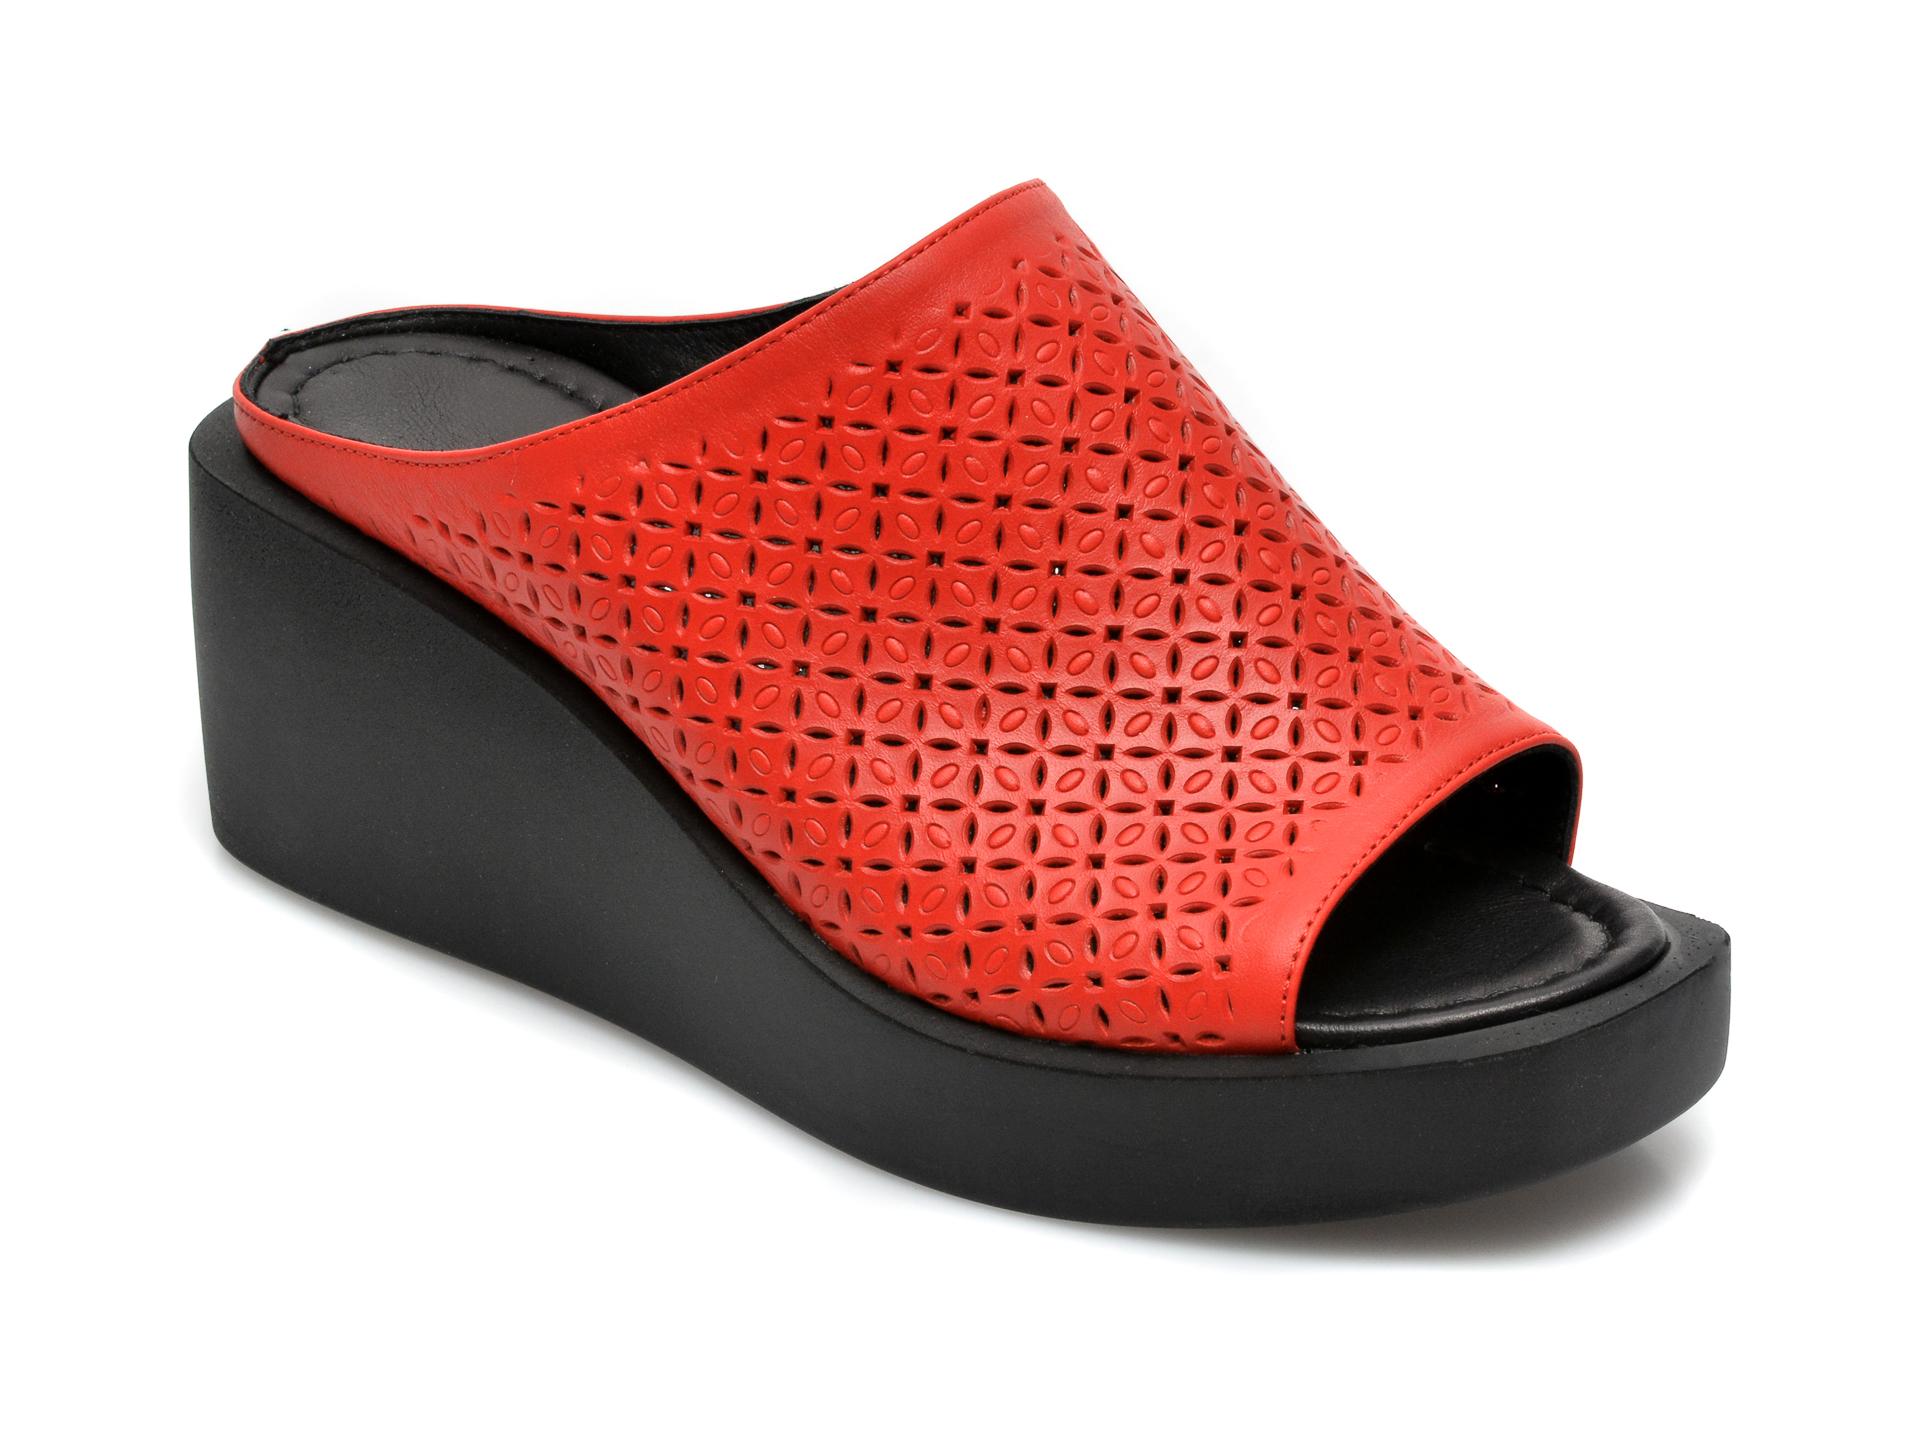 Papuci FLAVIA PASSINI rosii, 26672SH, din piele naturala